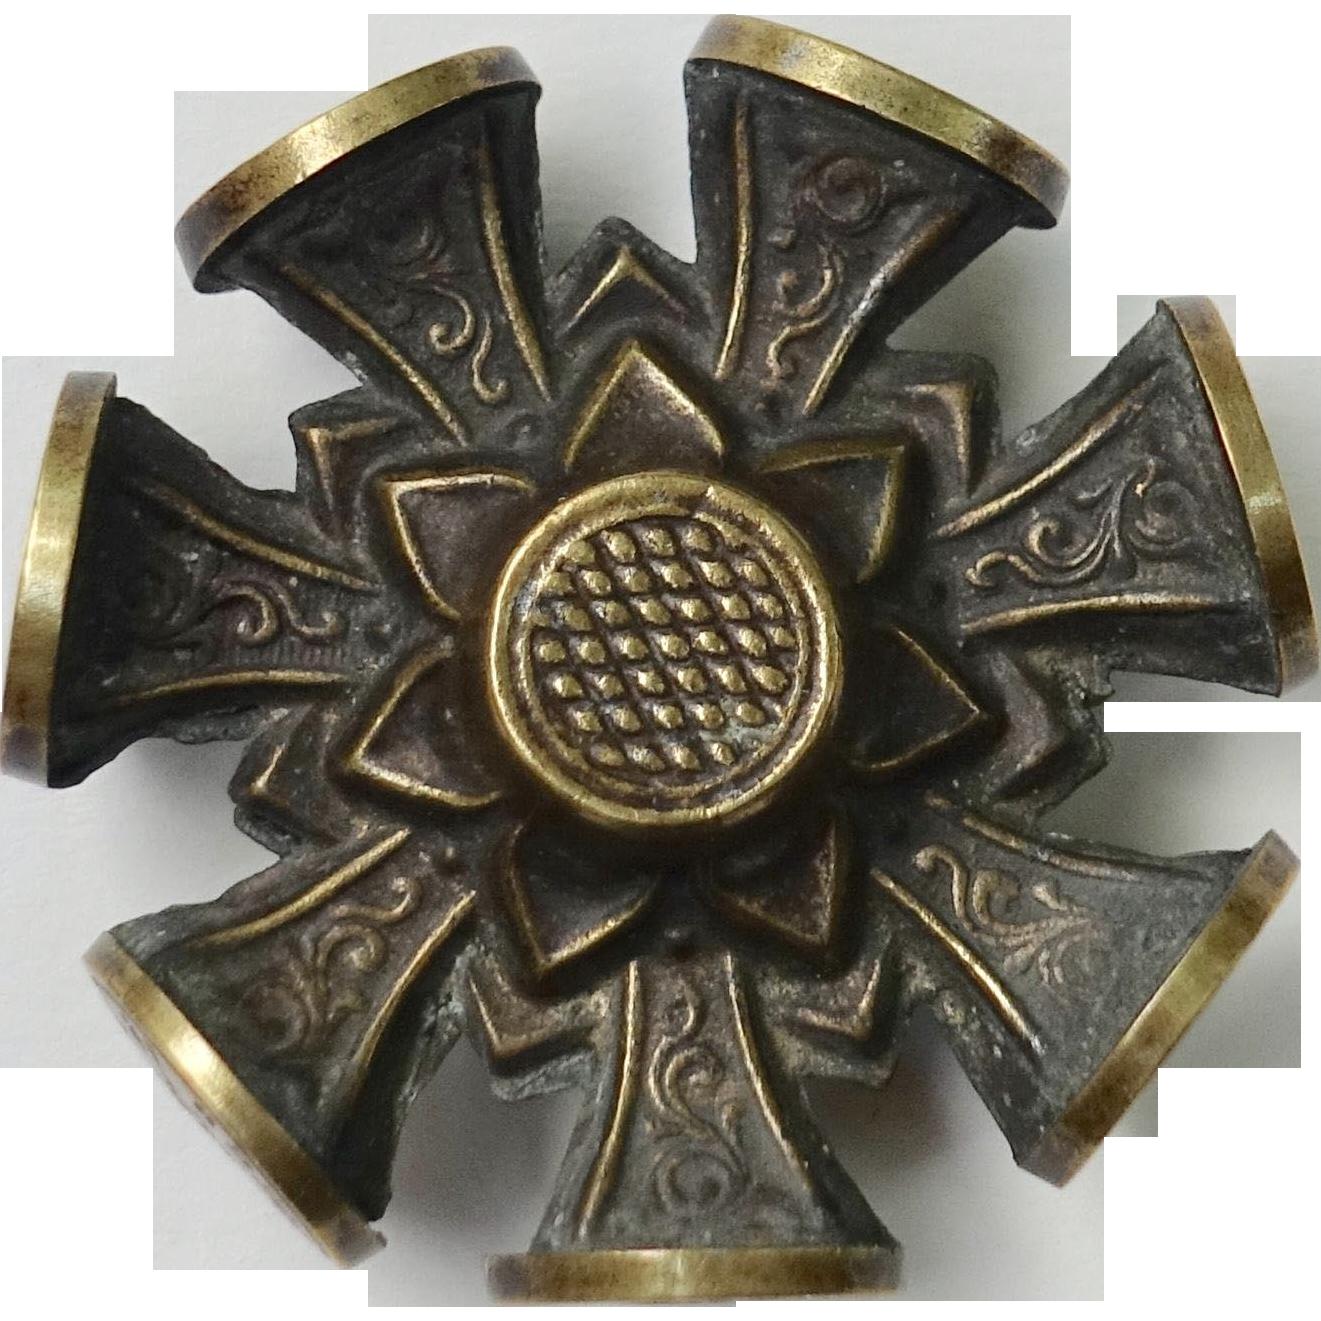 Antique Victorian Intaglio Seal Multi Wheel with 8 Wax Seals